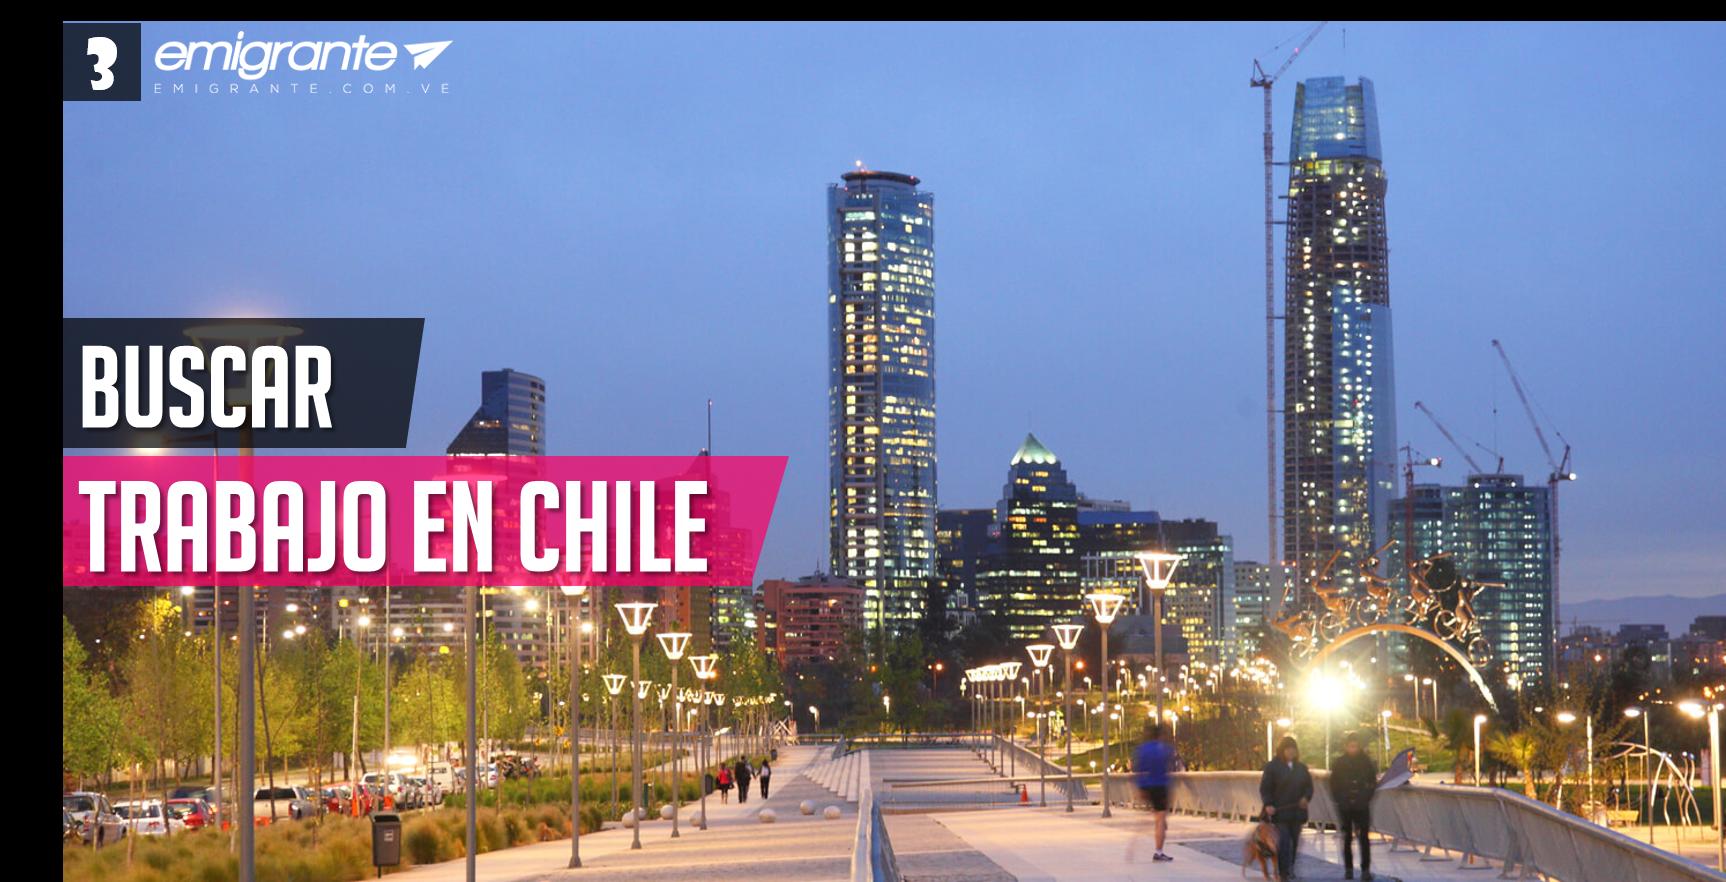 Buscar trabajo en Chile 201